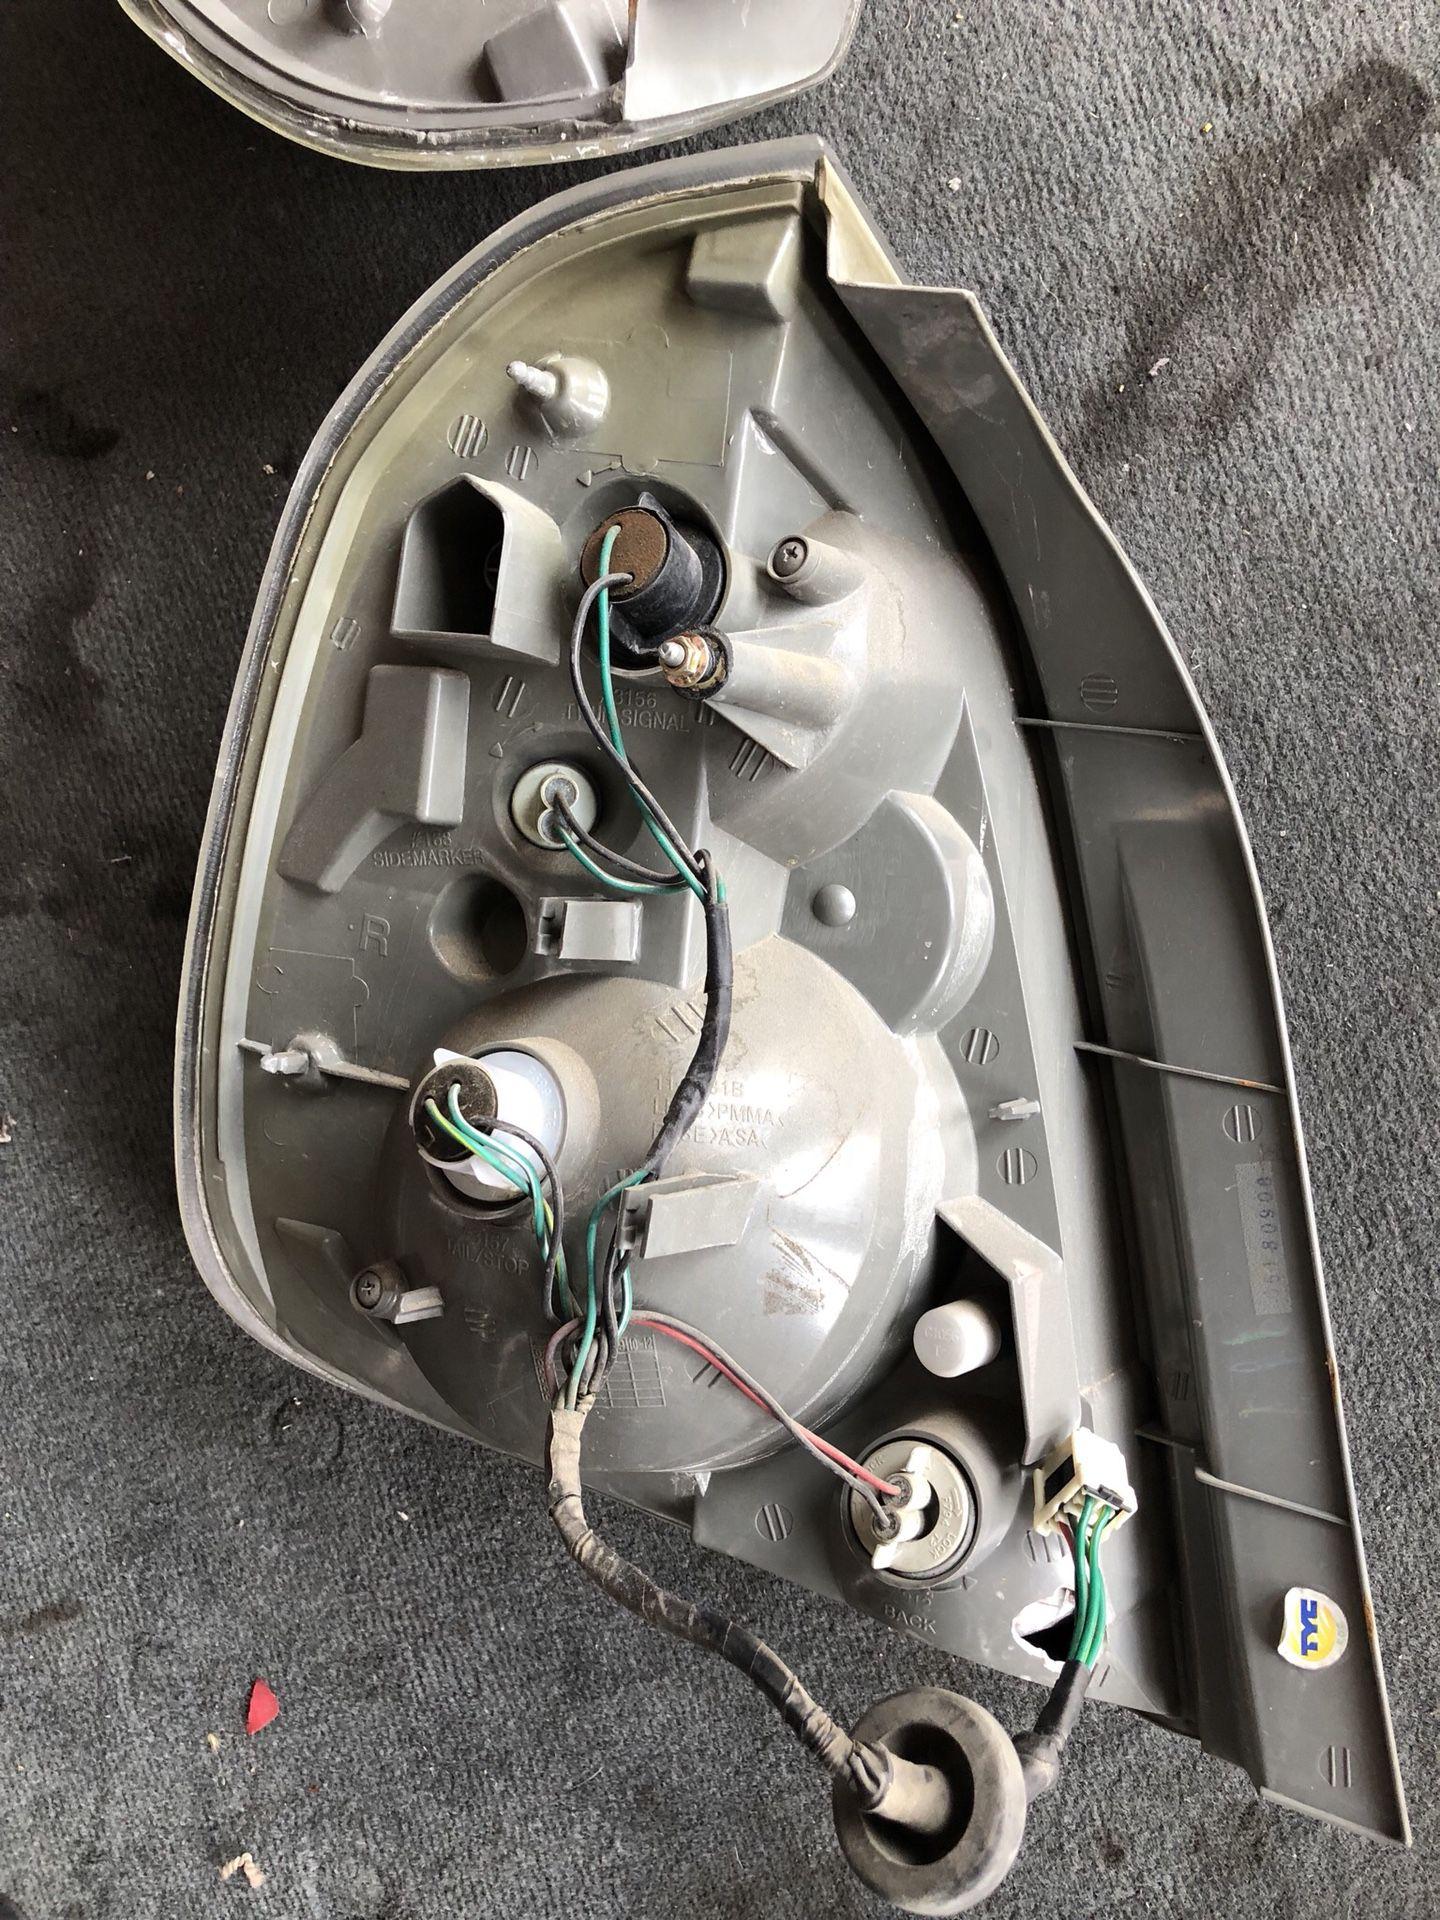 2005 Nissan Altima parts